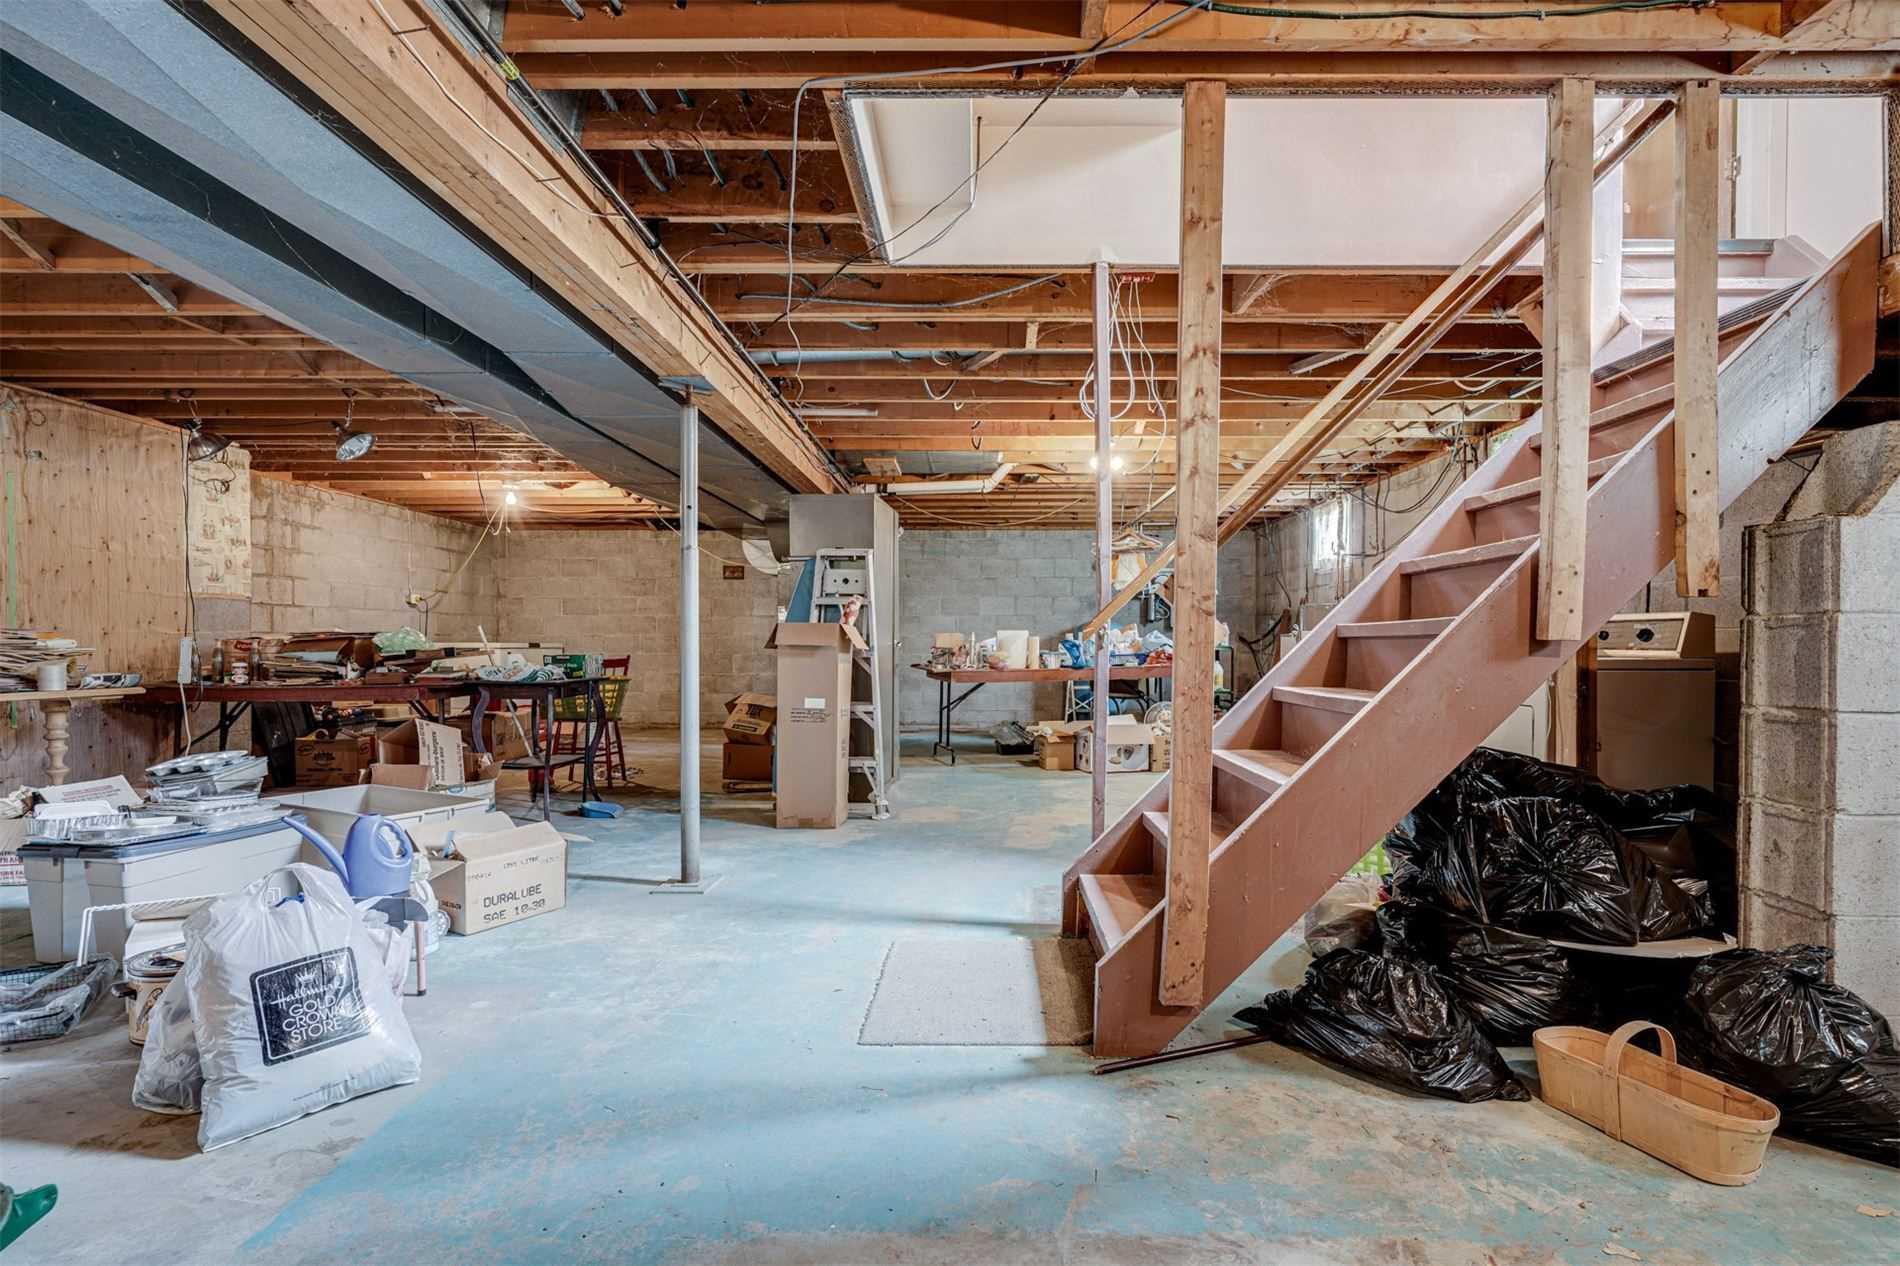 4189 Brock Rd - Uxbridge Detached for sale, 3 Bedrooms (N5311768) - #31